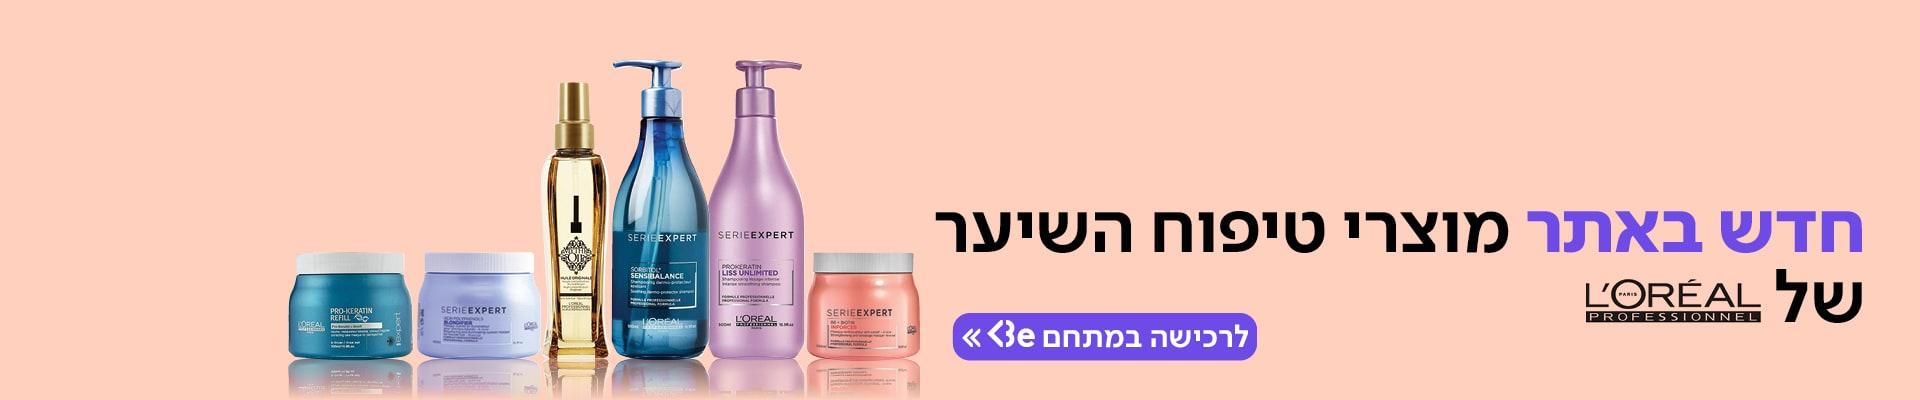 חדש באתר מוצרי טיפוח לשיער של L'Oreal Professionnel! עכשיו במתחם Be בשופרסל אונליין>>